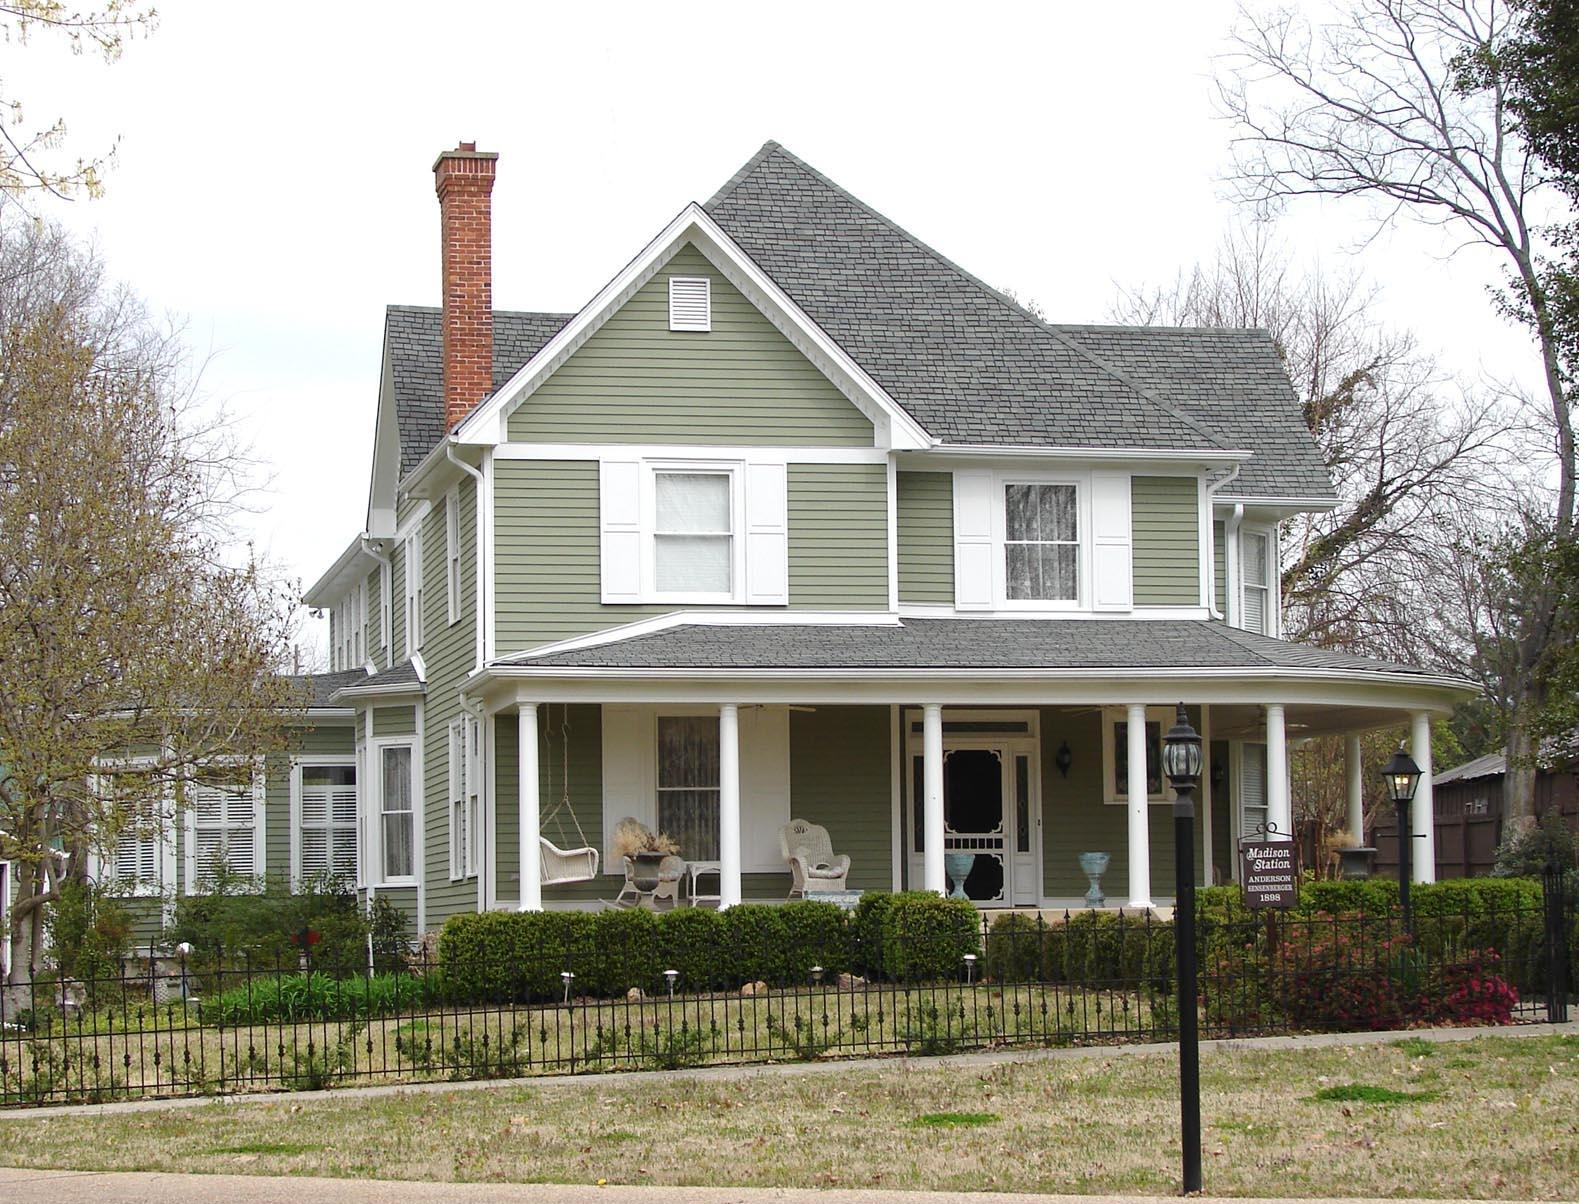 17 Front Street - Sensenberger Home